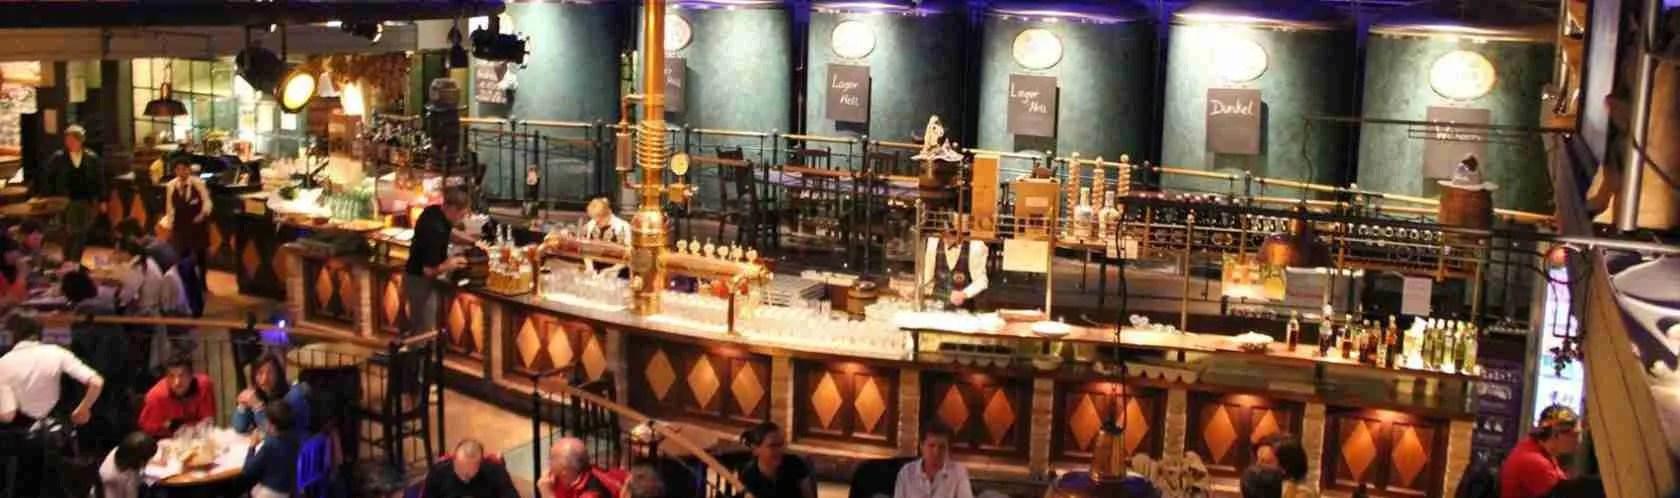 Una cena con una escort Trento presso la Antica Birreria Pedavena, a base di piatti tipici trentini e birra artigianale.